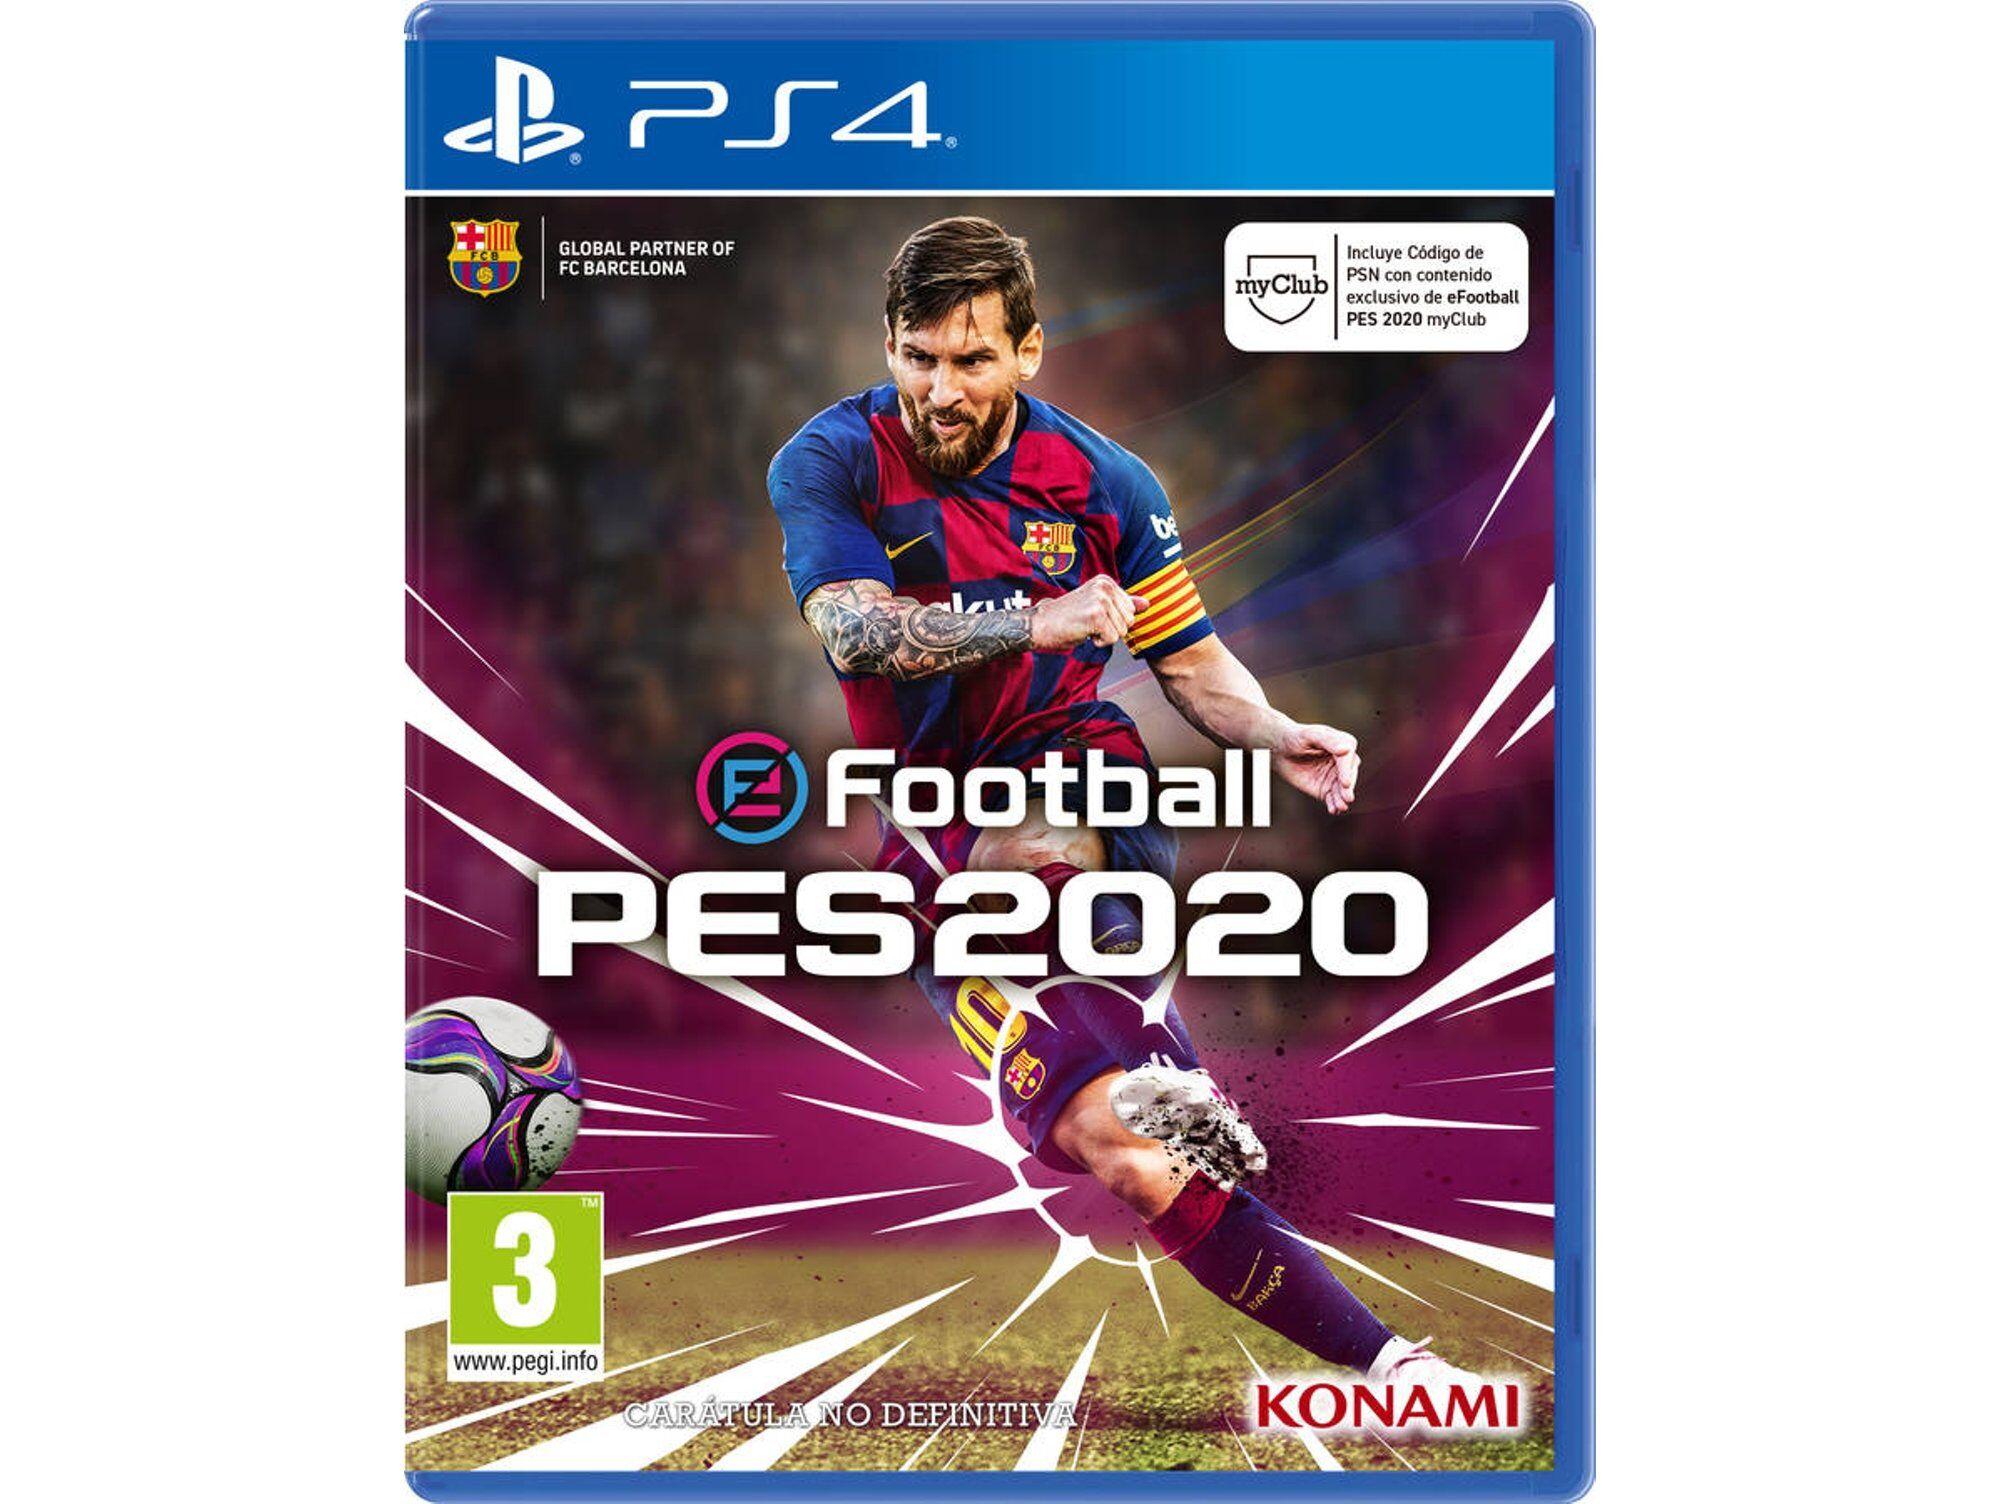 Konami Juego PS4 PES 2020 Pro Evolution Soccer (Deportes - M3)